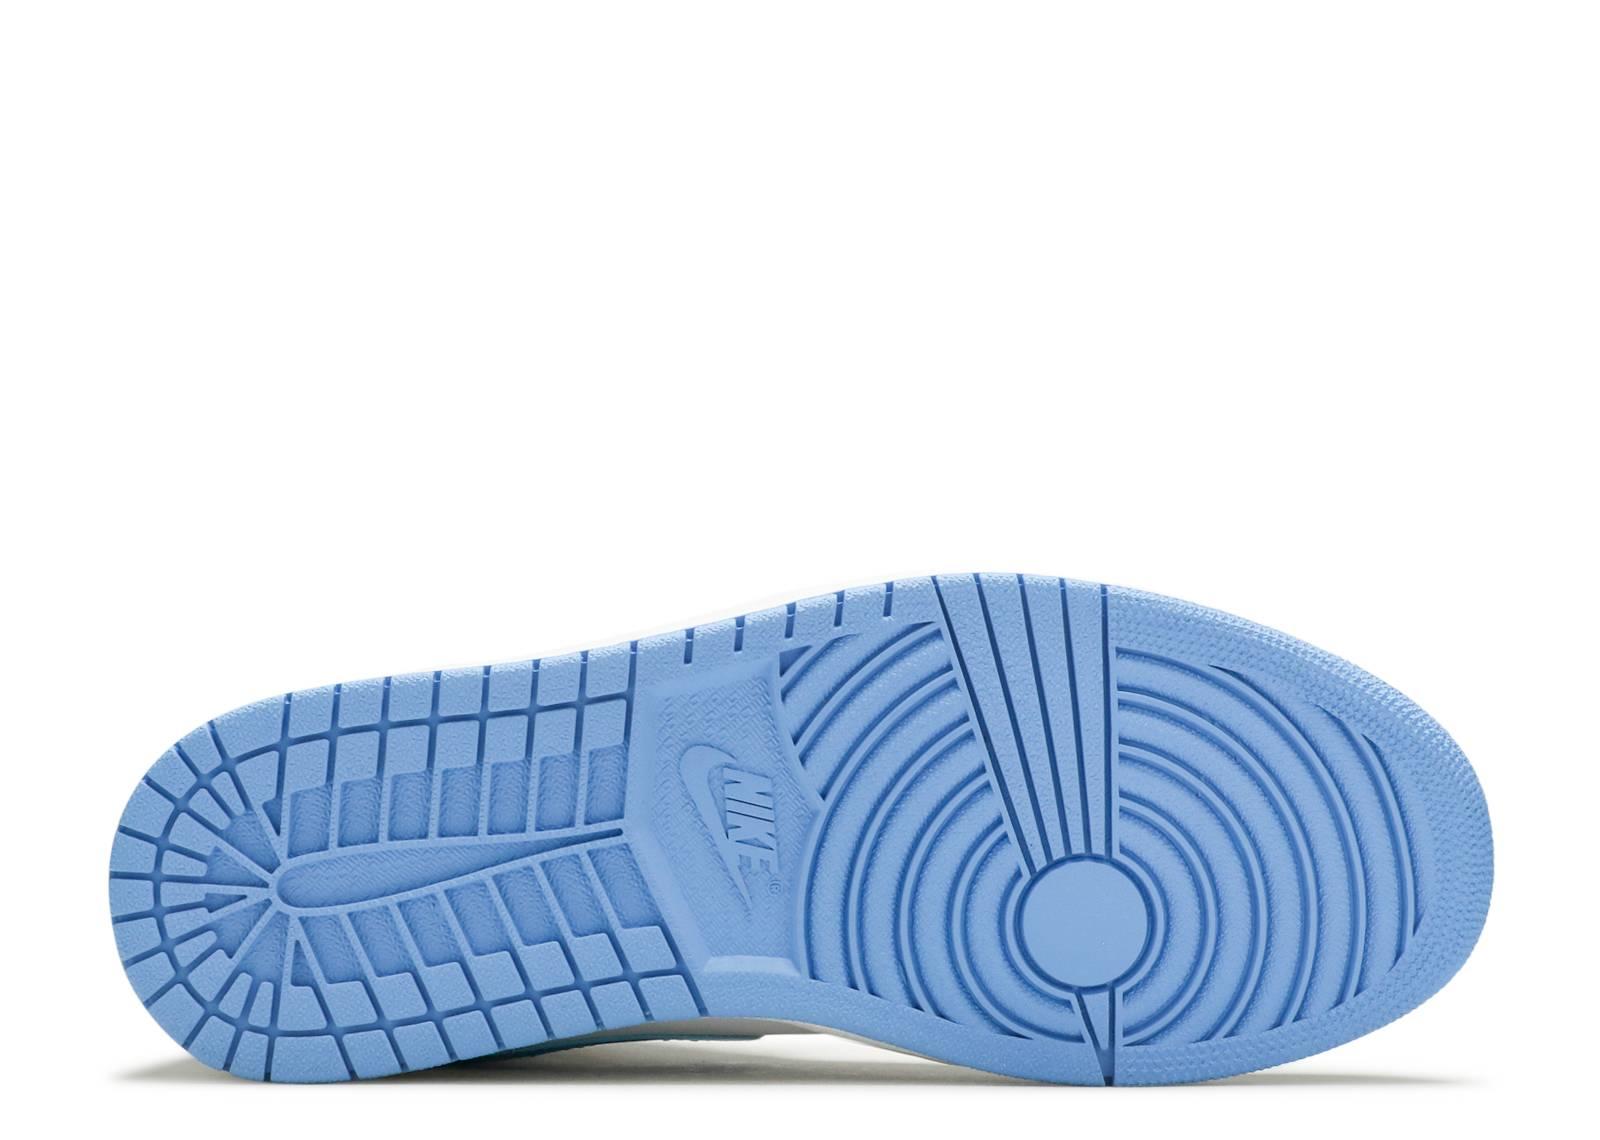 Air Jordan 1 Retro Mid - Air Jordan - 554724 127 - white legend blue ... a354276639c7